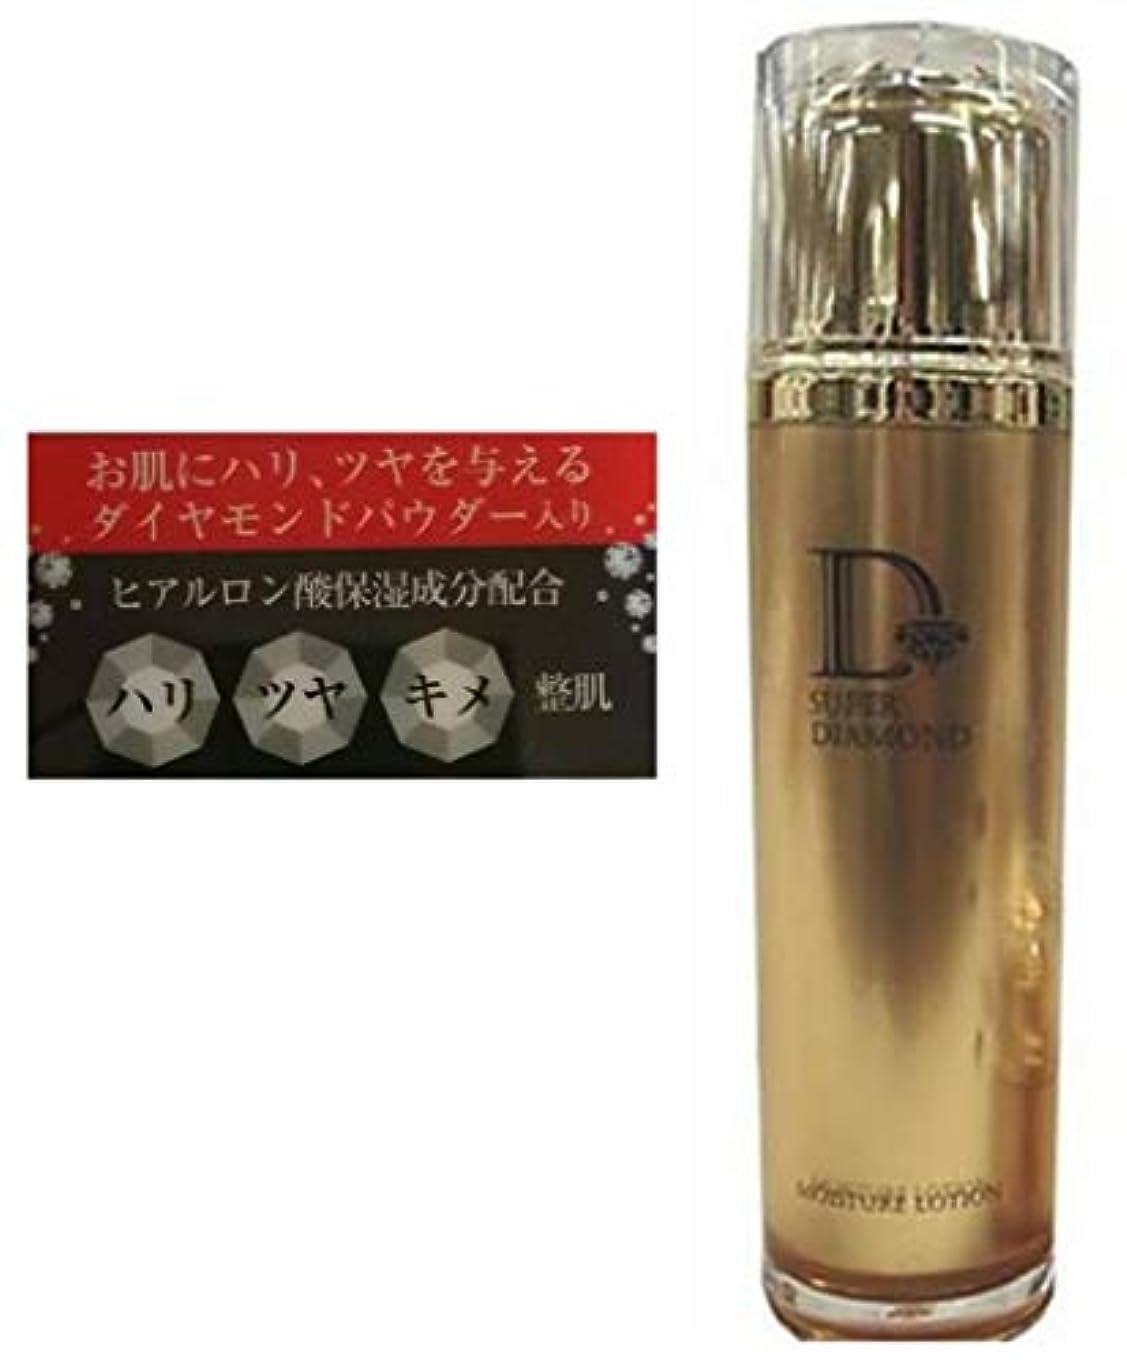 ドラッグ崇拝します関税スーパーダイヤモンド 保湿化粧水 ハリ ツヤ キメ ダイヤモンド 日本製 保湿 化粧水 ヒアルロン酸